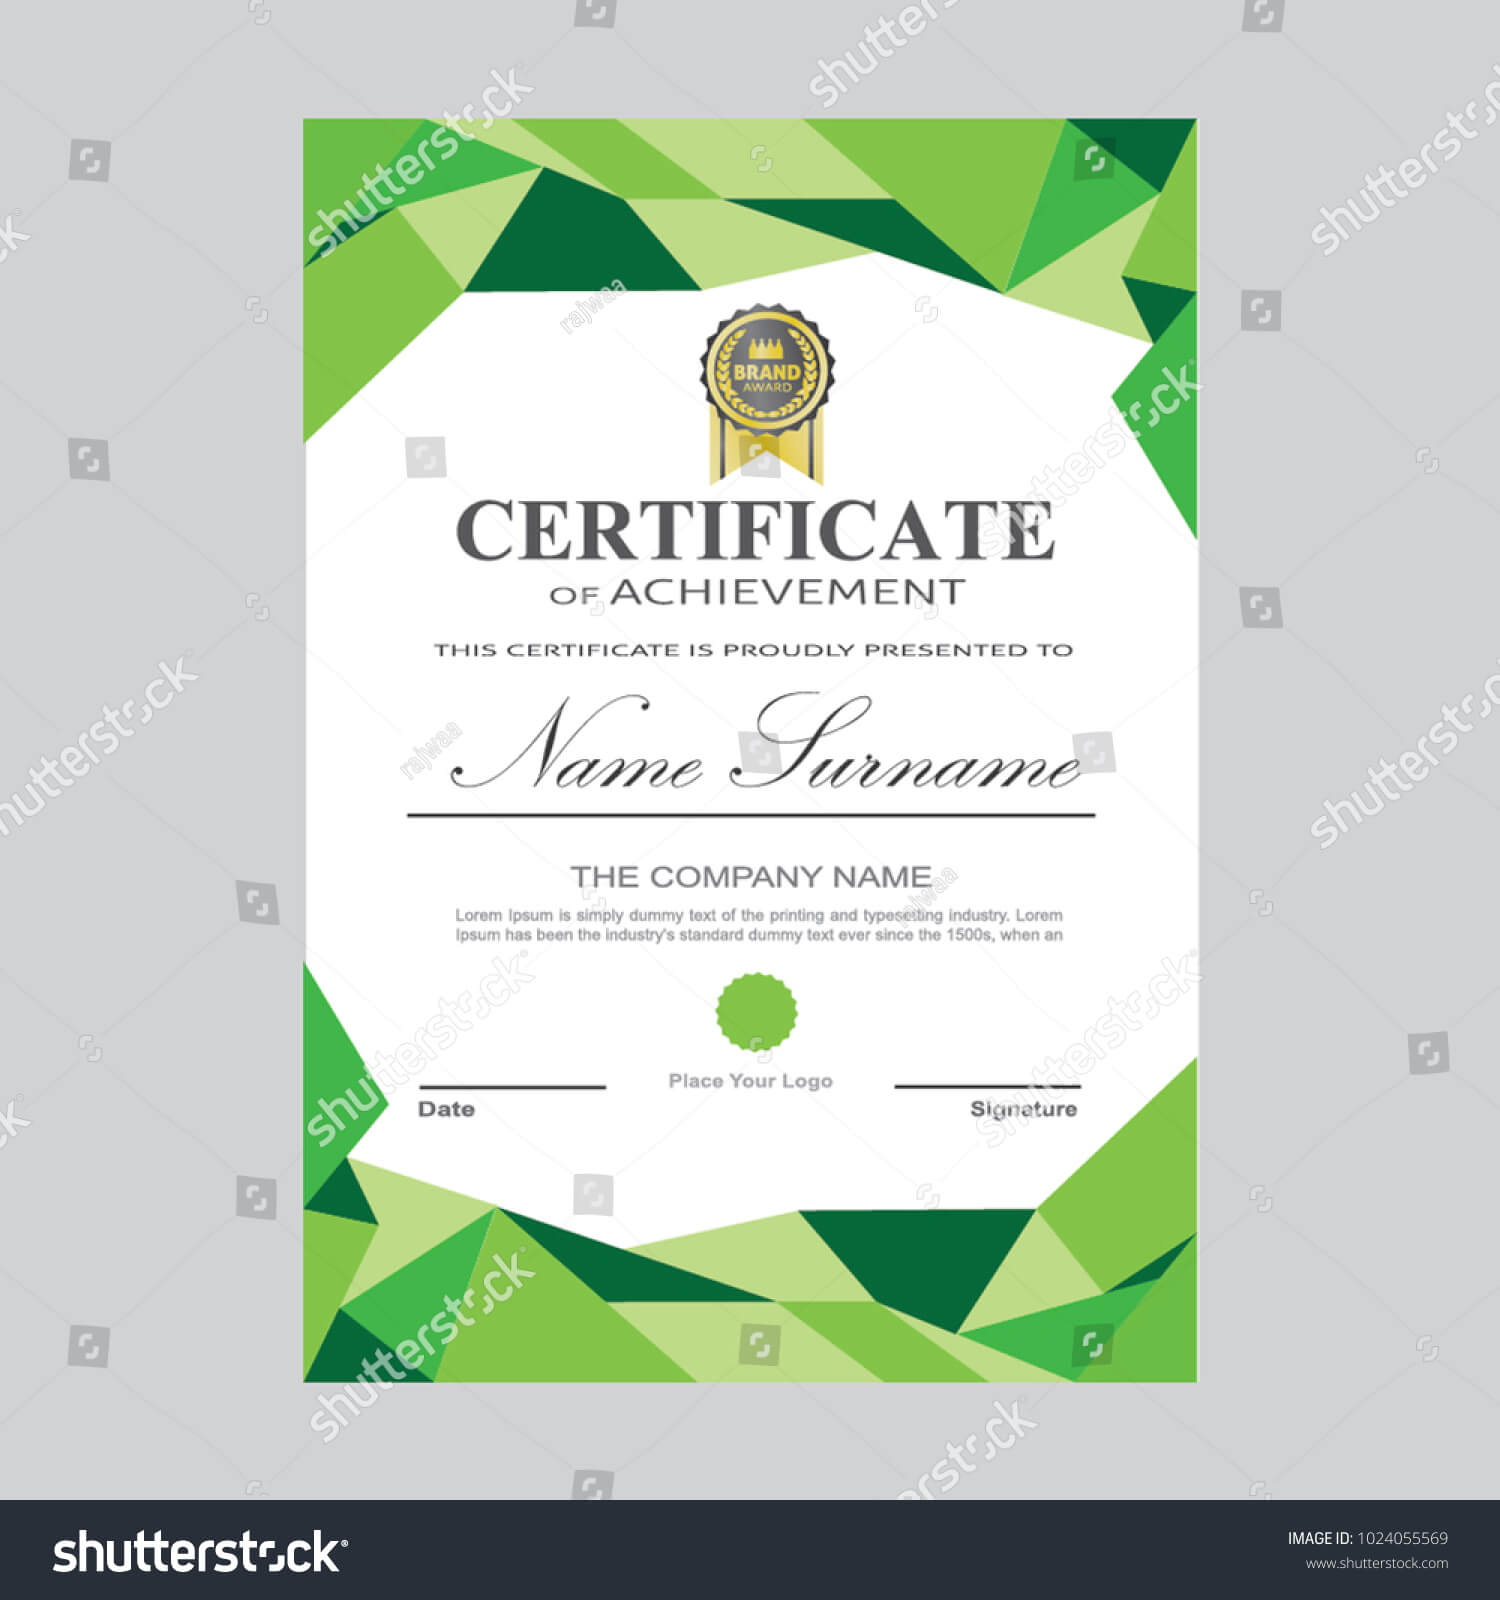 Certificate Template Modern A4 Horizontal Landscape Stock throughout Landscape Certificate Templates